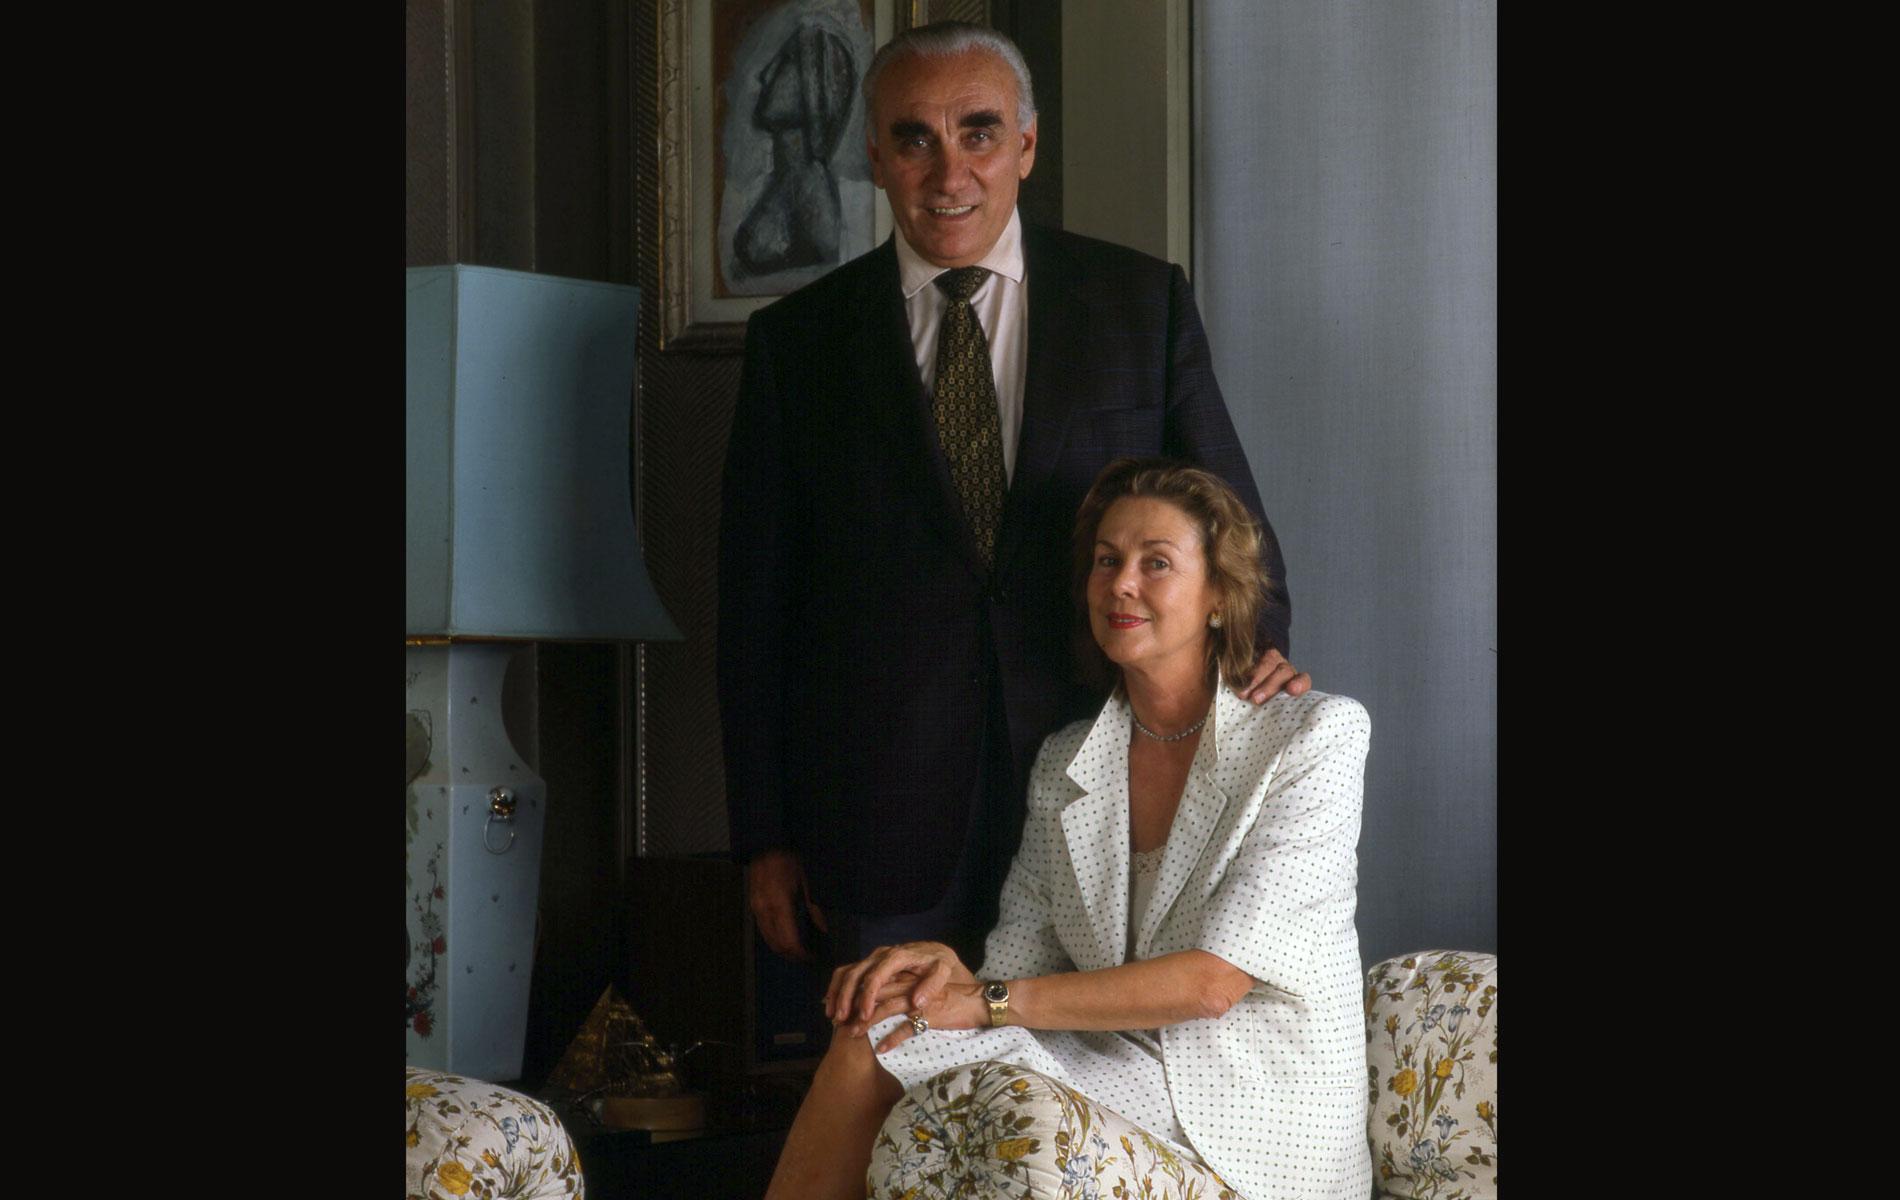 GIORGIO and NARA MONDADORI - Portraits Exhibition - © Graziano Villa